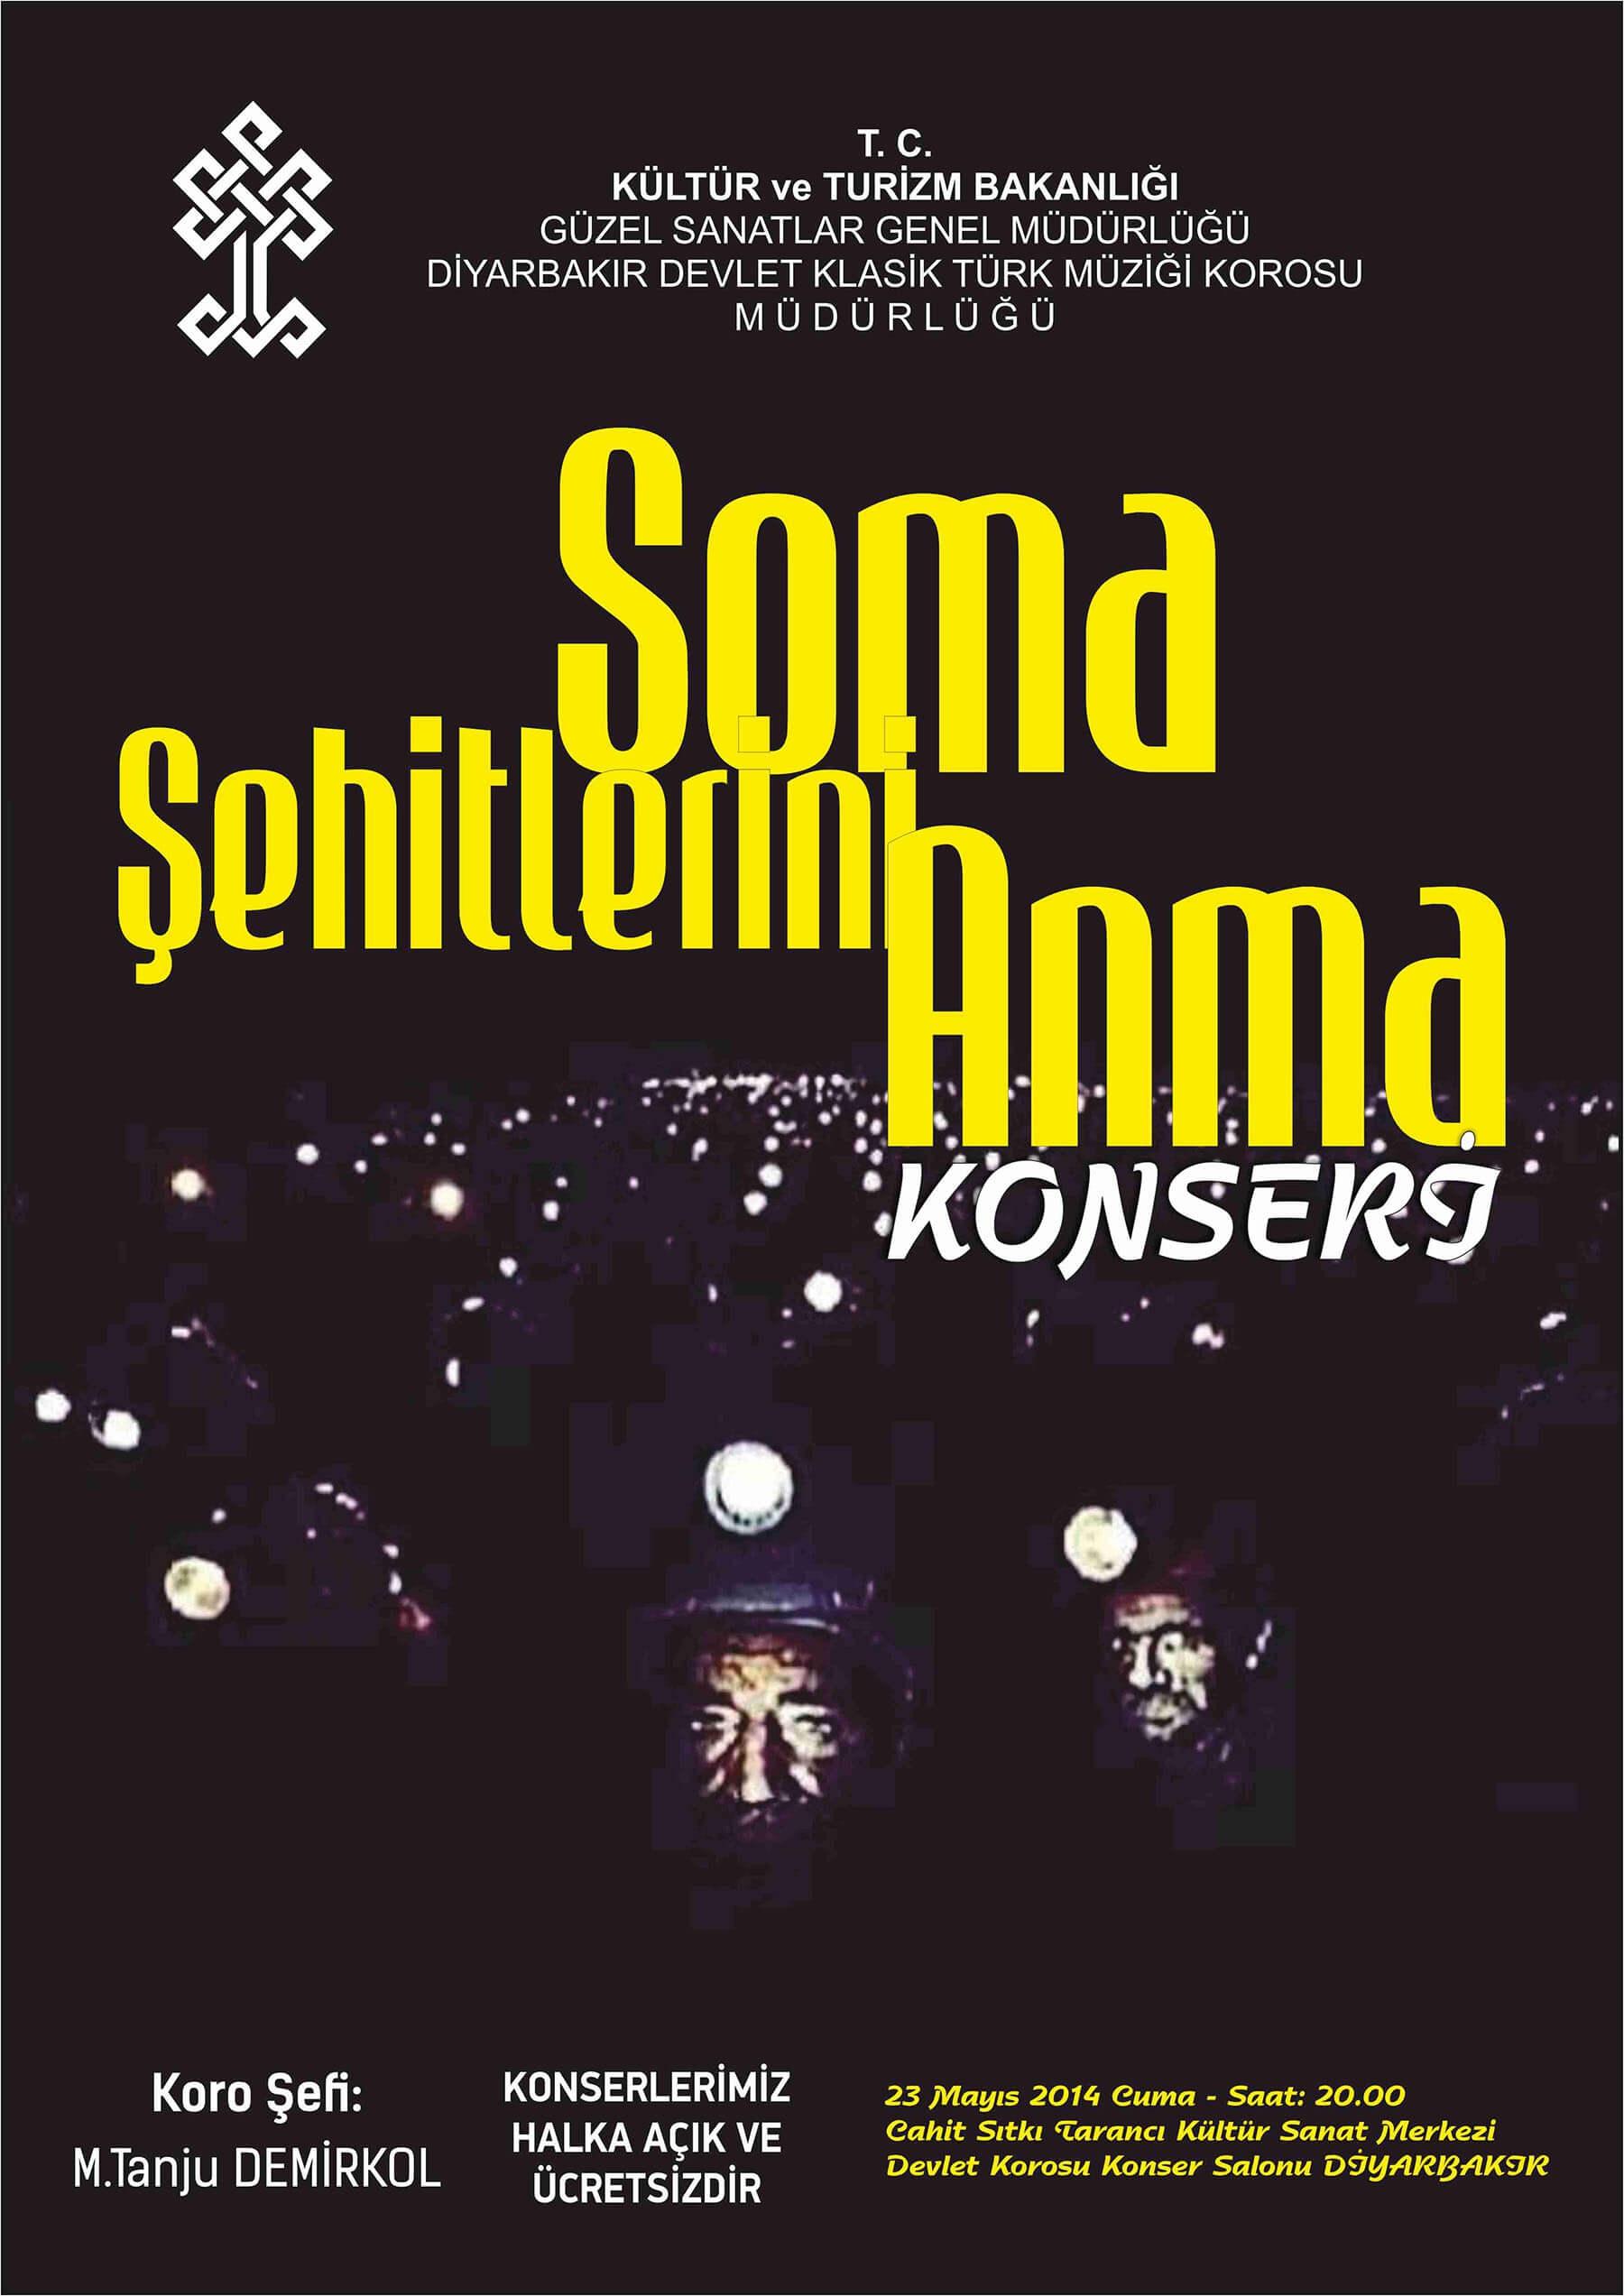 SOMA ŞEHİTLERİ ANMA KONSERİ